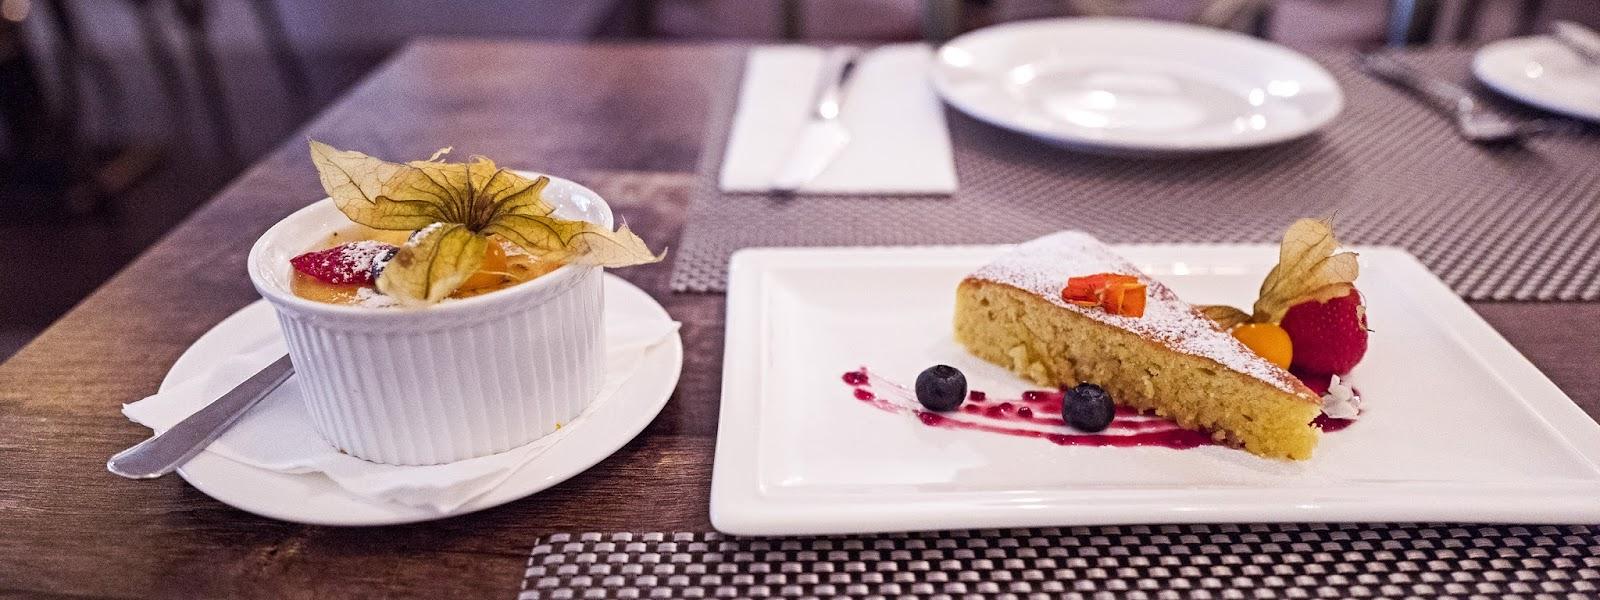 f-desserts-L1050436.jpg